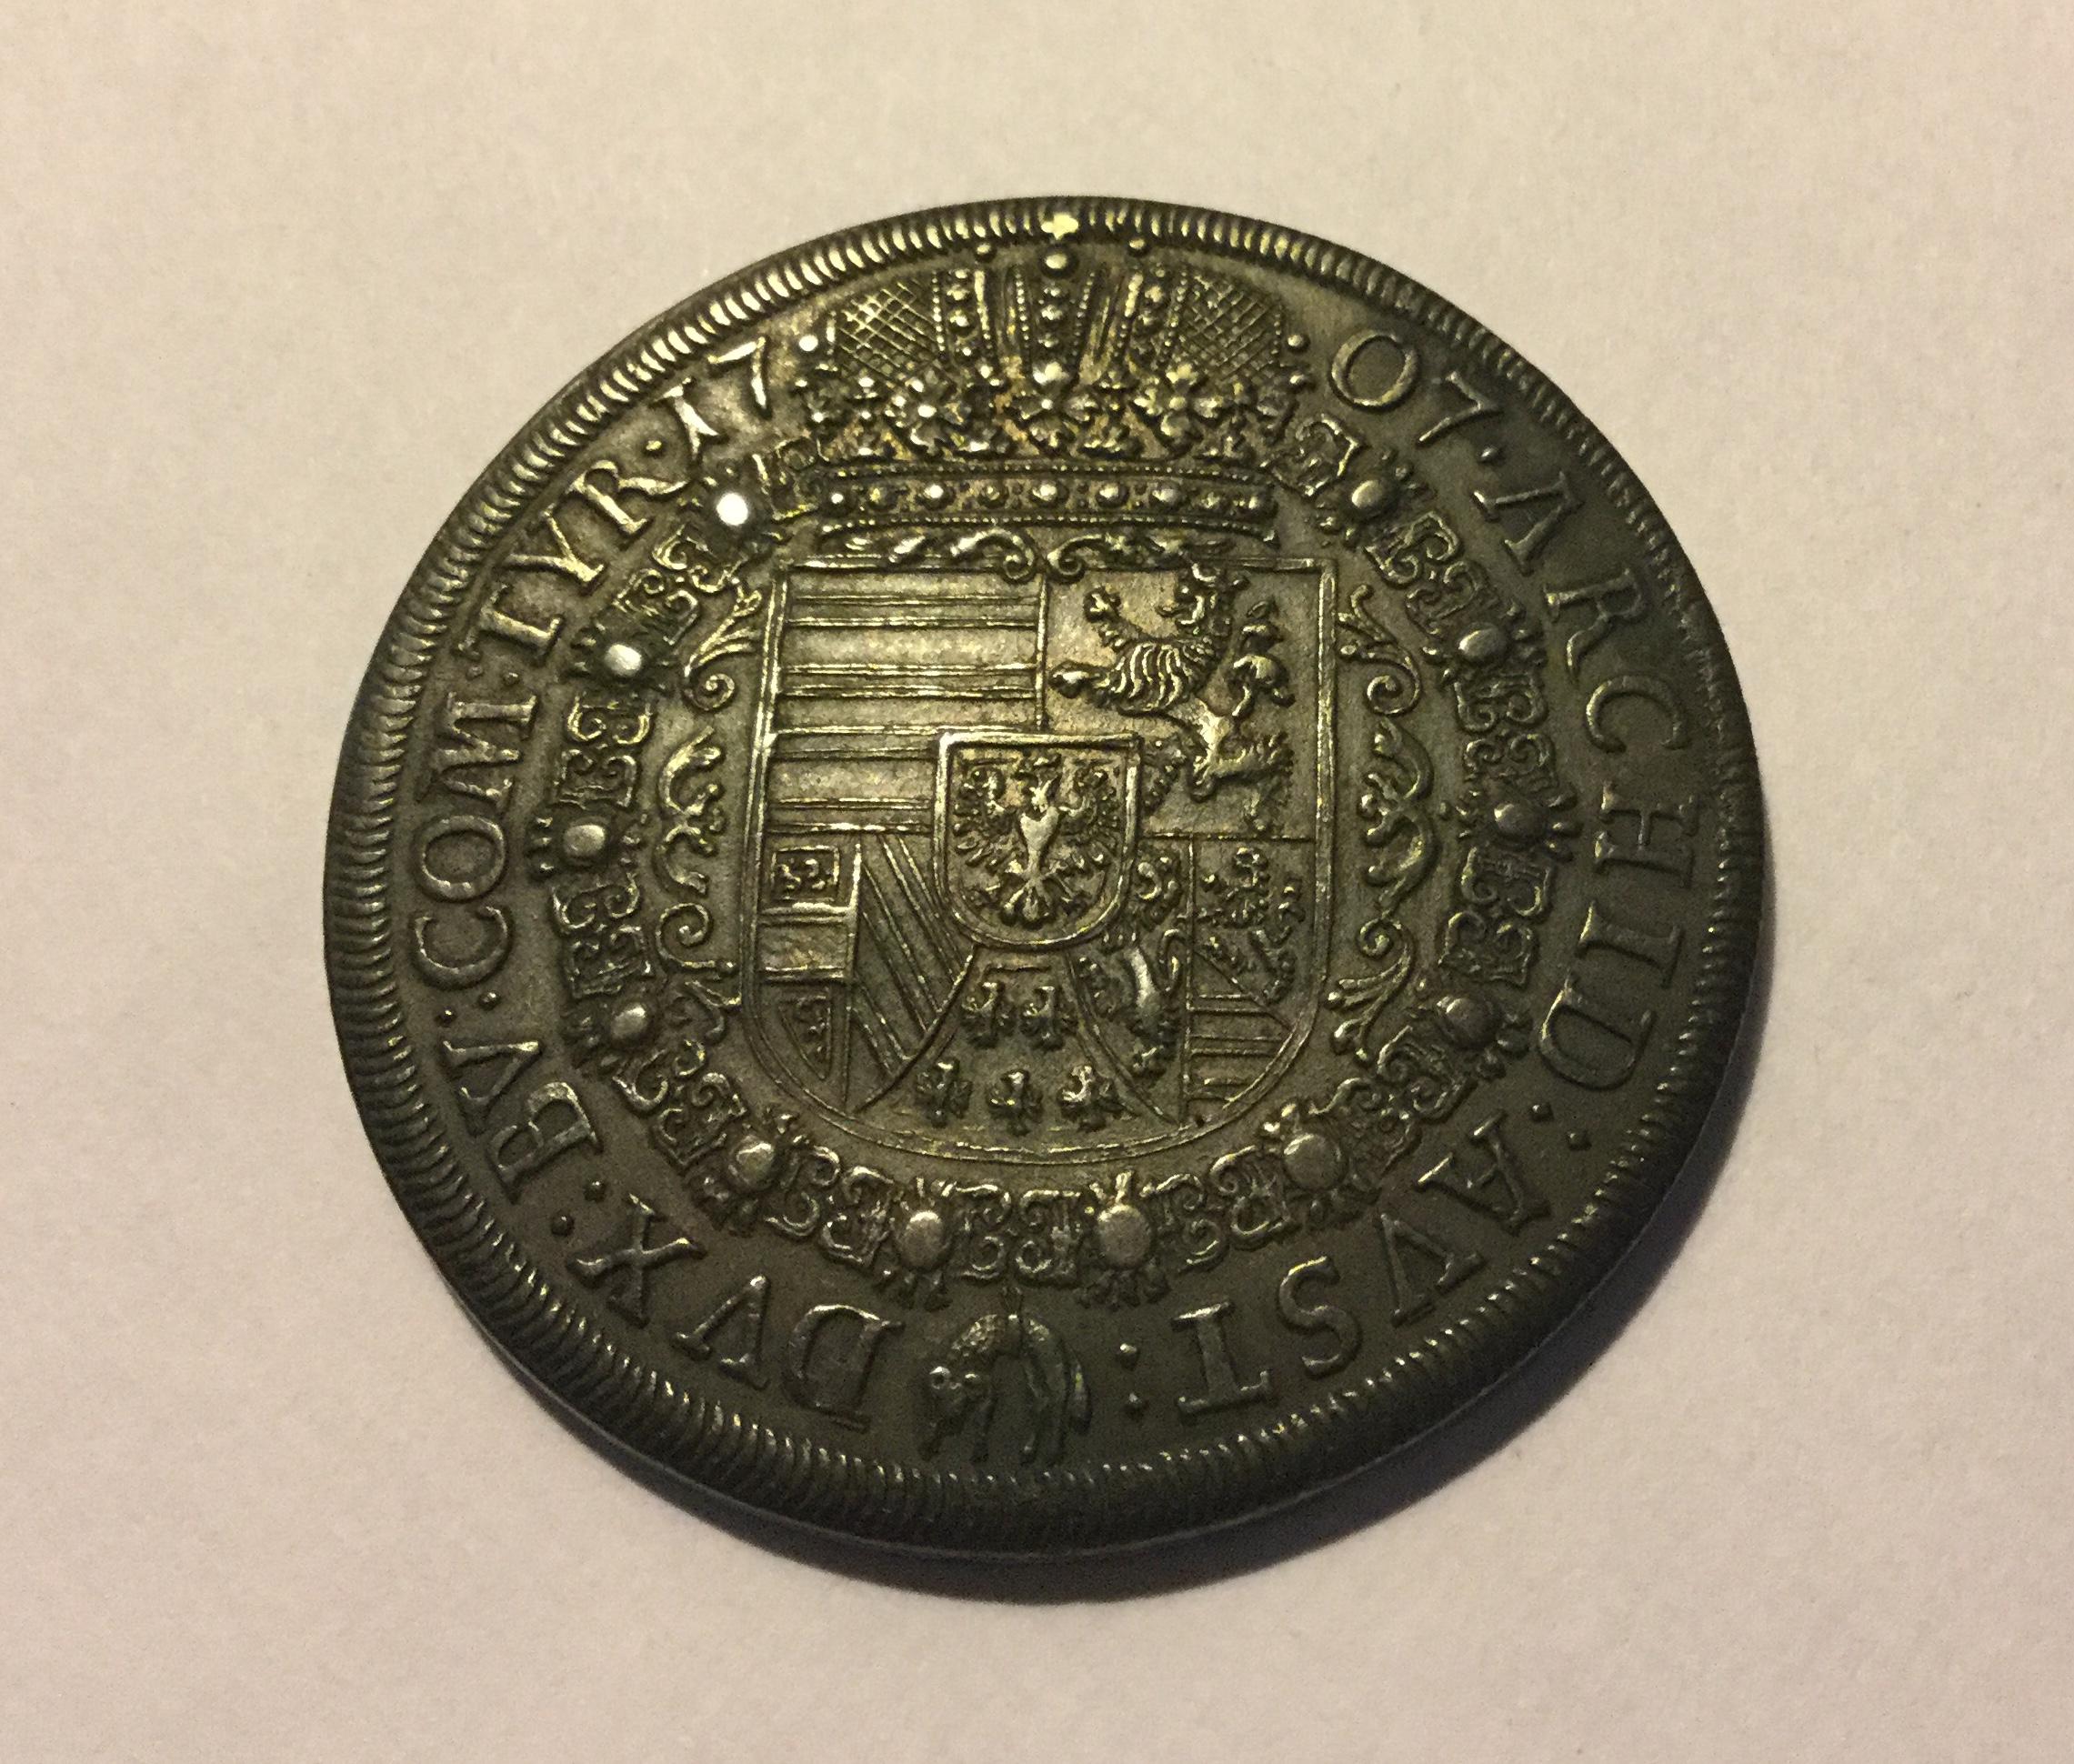 1707 IOSEPHUS broad silver thaler coin - value sought